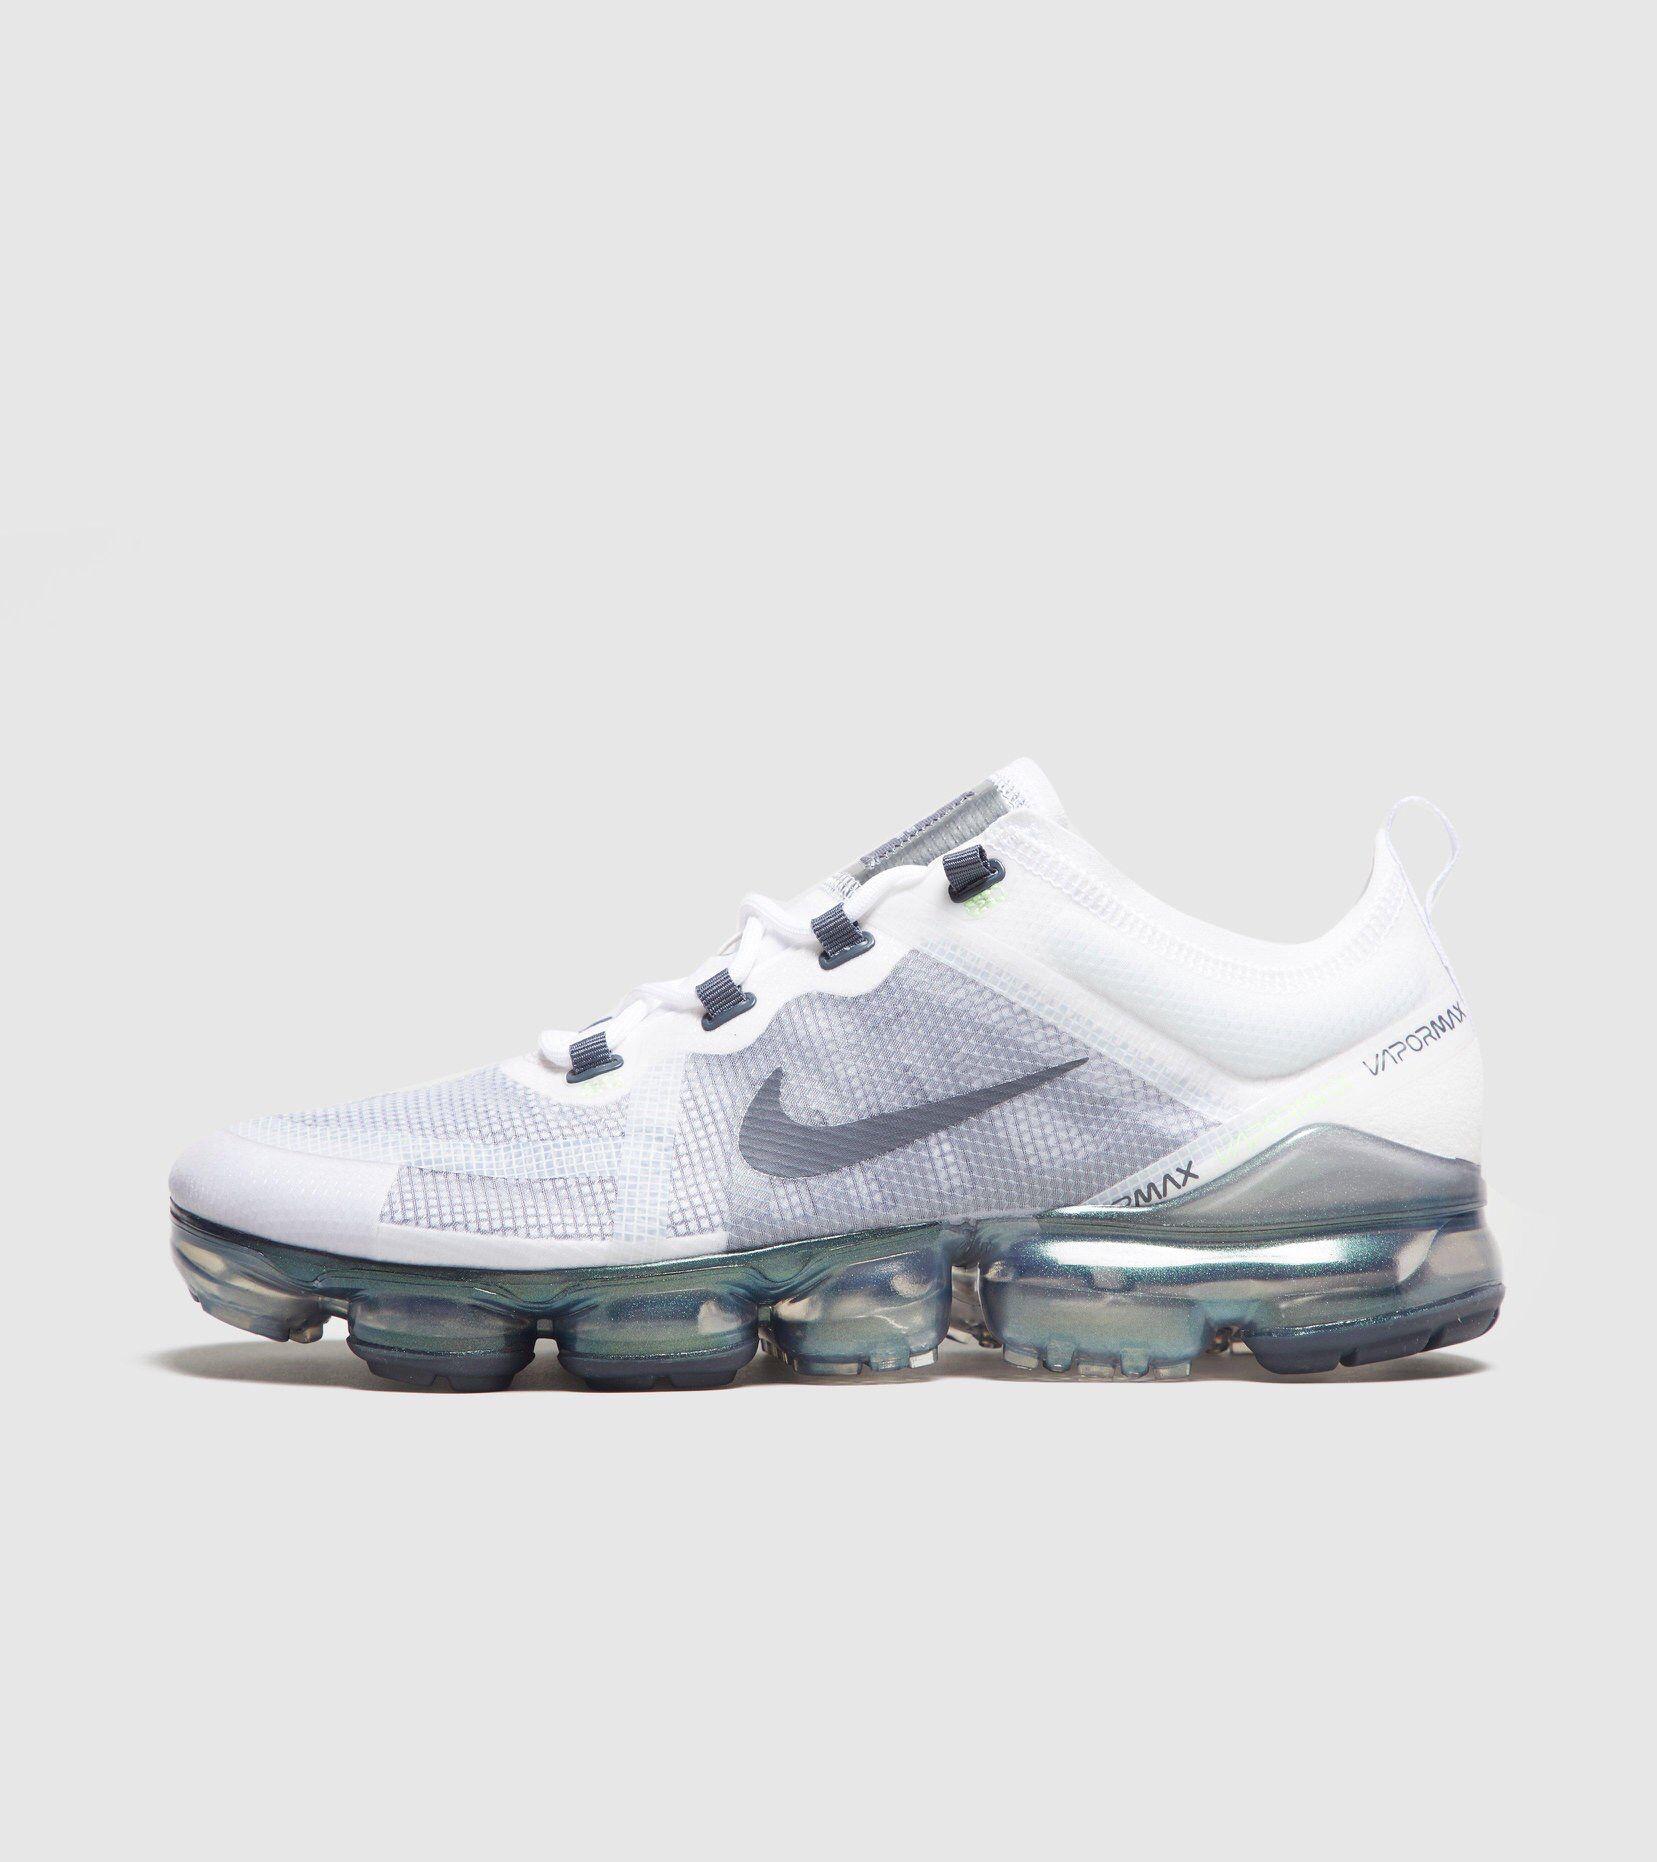 edca6da504 Nike Air Vapormax 2019 | Shoes in 2019 | Nike air vapormax, Nike air ...